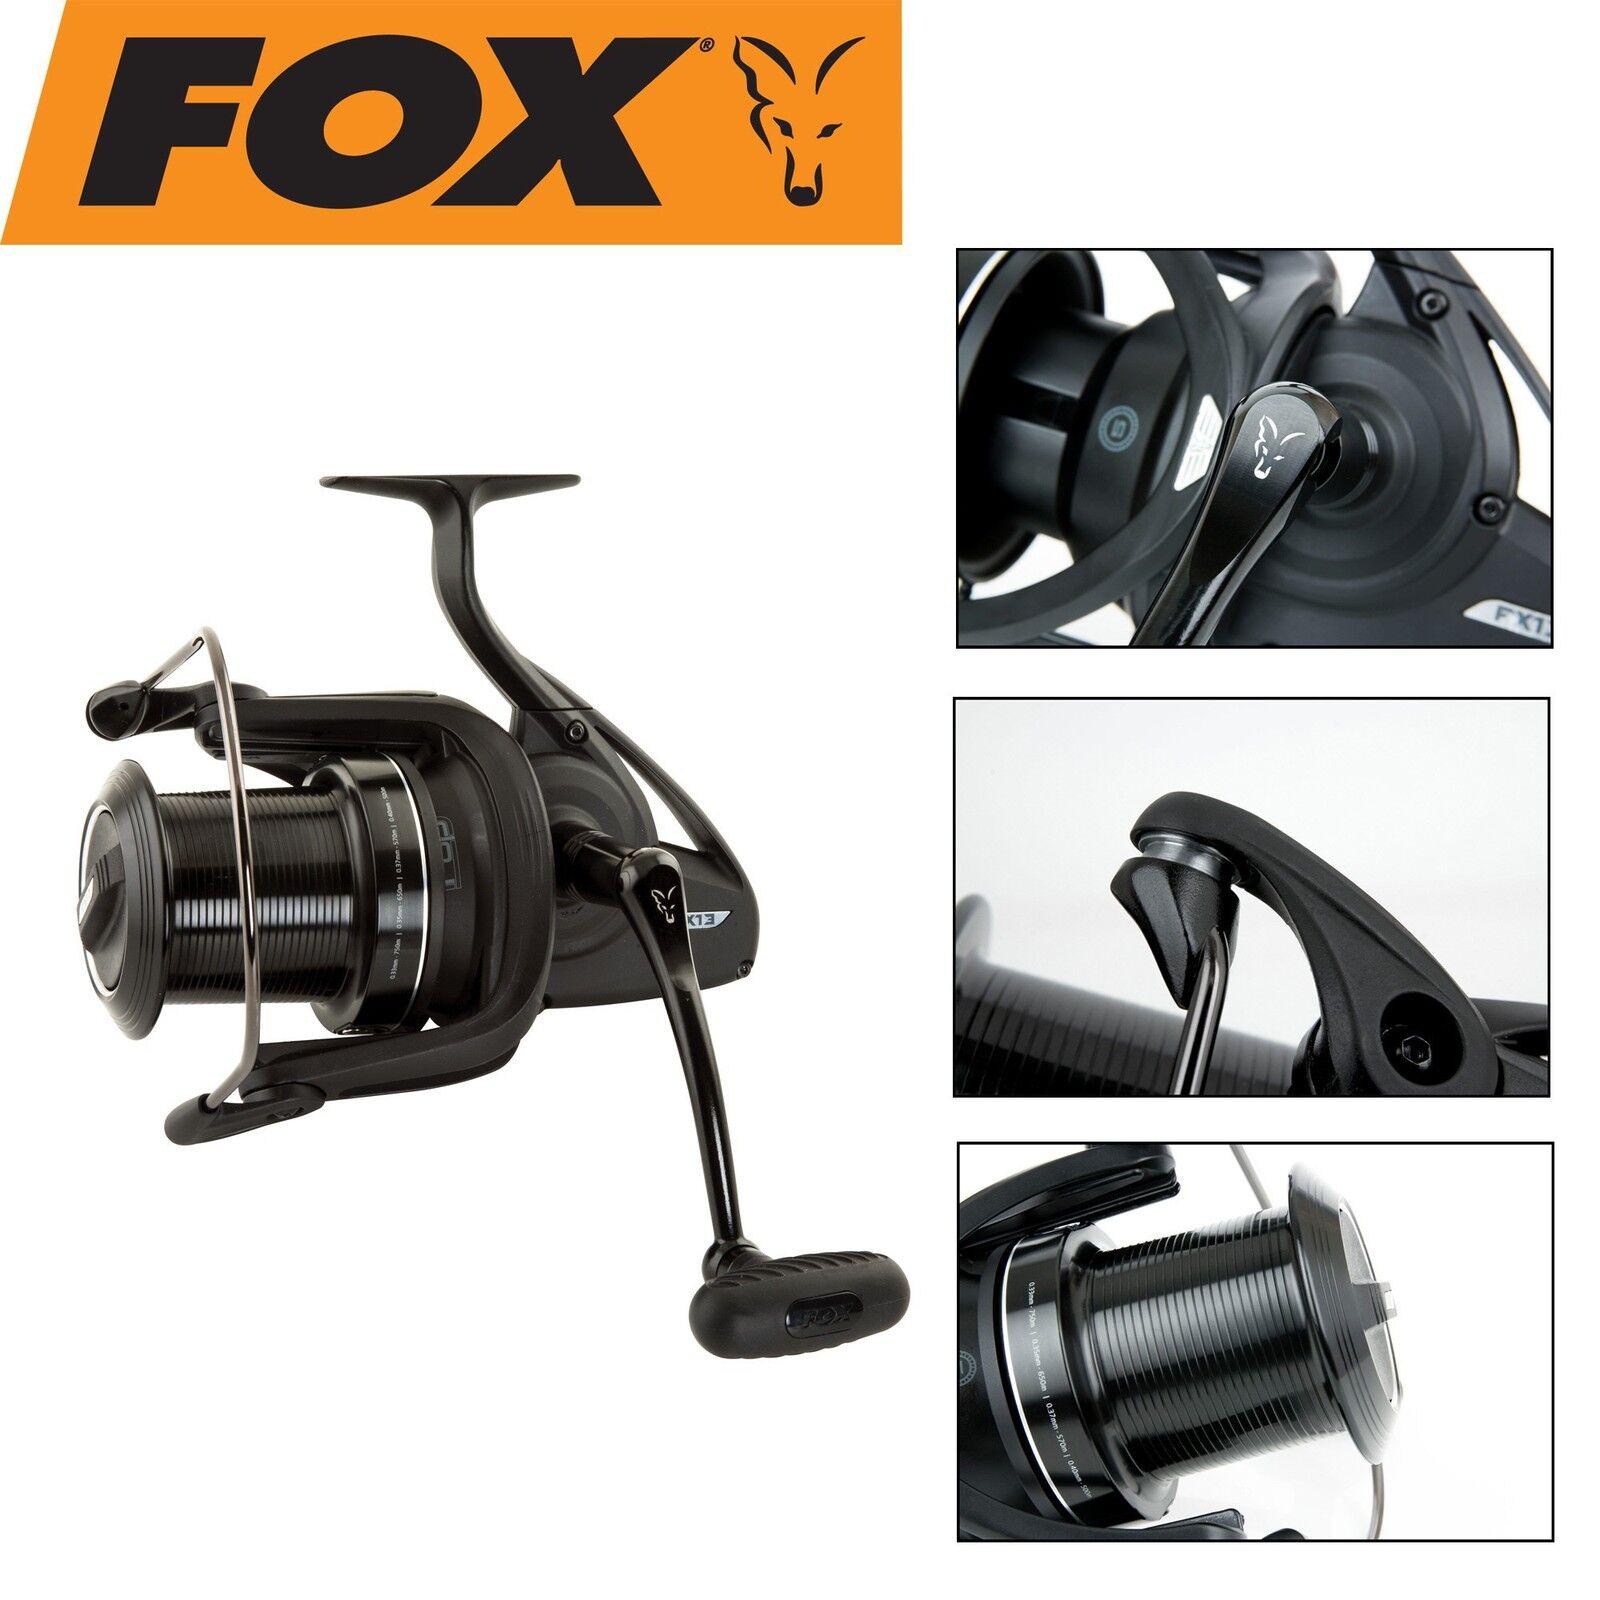 Fox FX13 Reel Rolle Rolle Reel zum Karpfenangeln, Stationärrolle mit Weitwurfspule f840c6